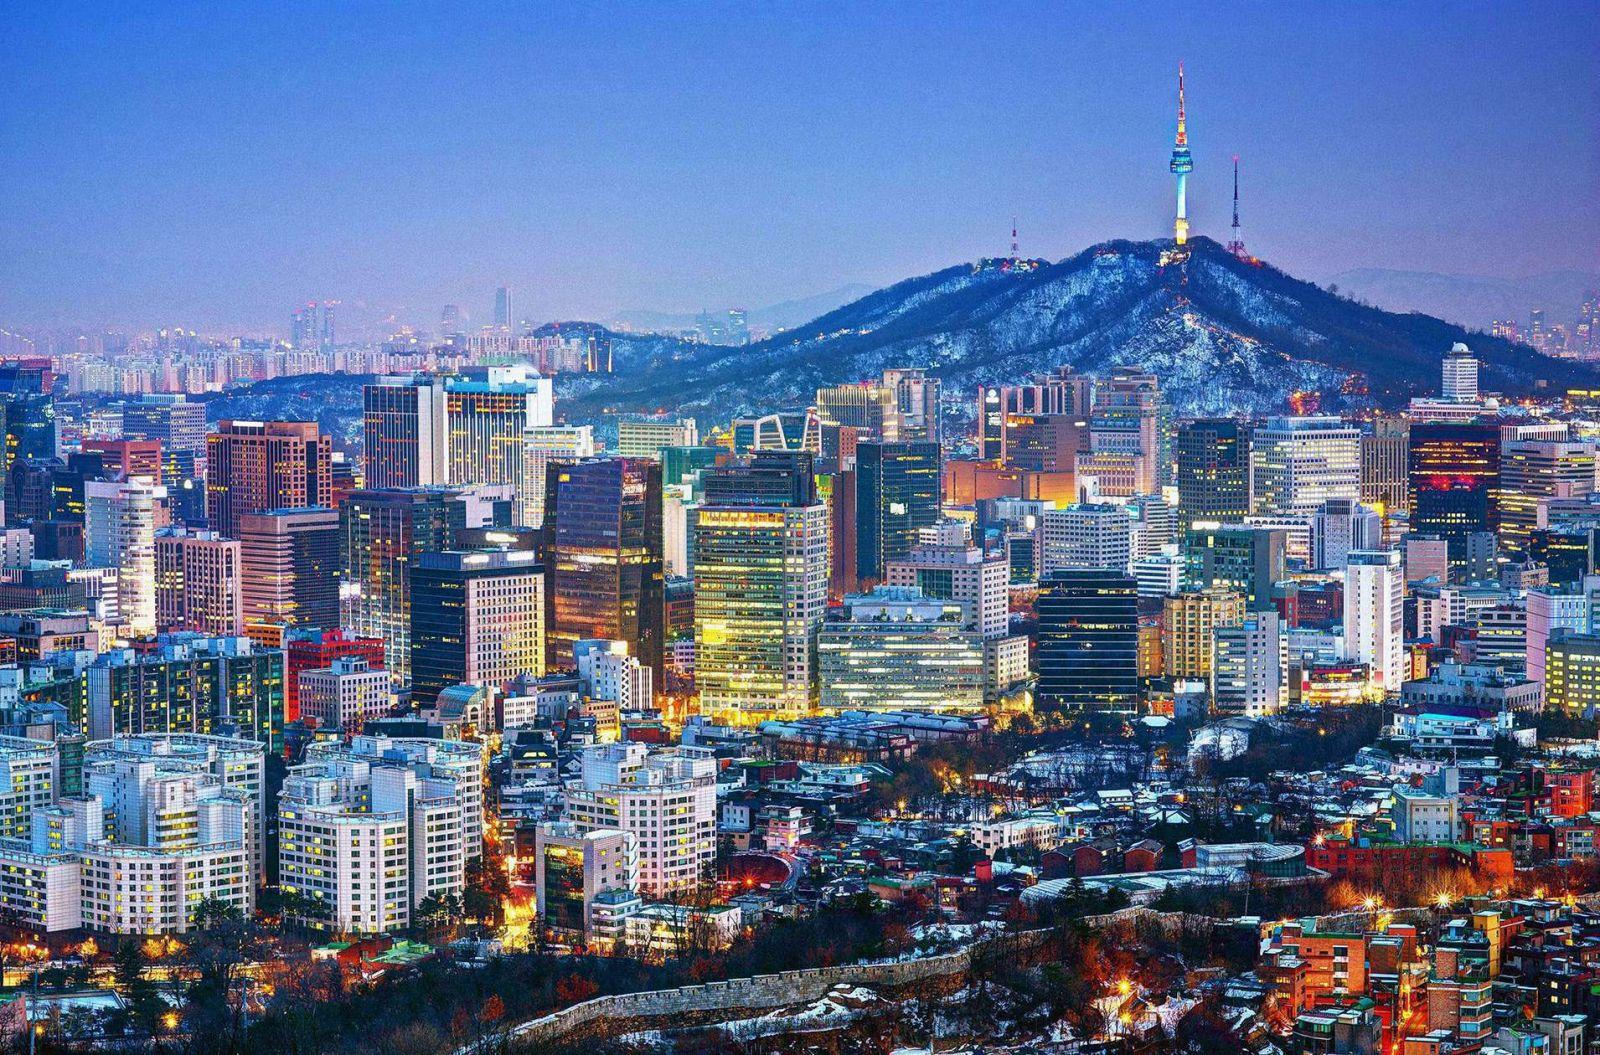 Казахстанские проекты попали в финал конкурса бизнес-идей в Южной Корее